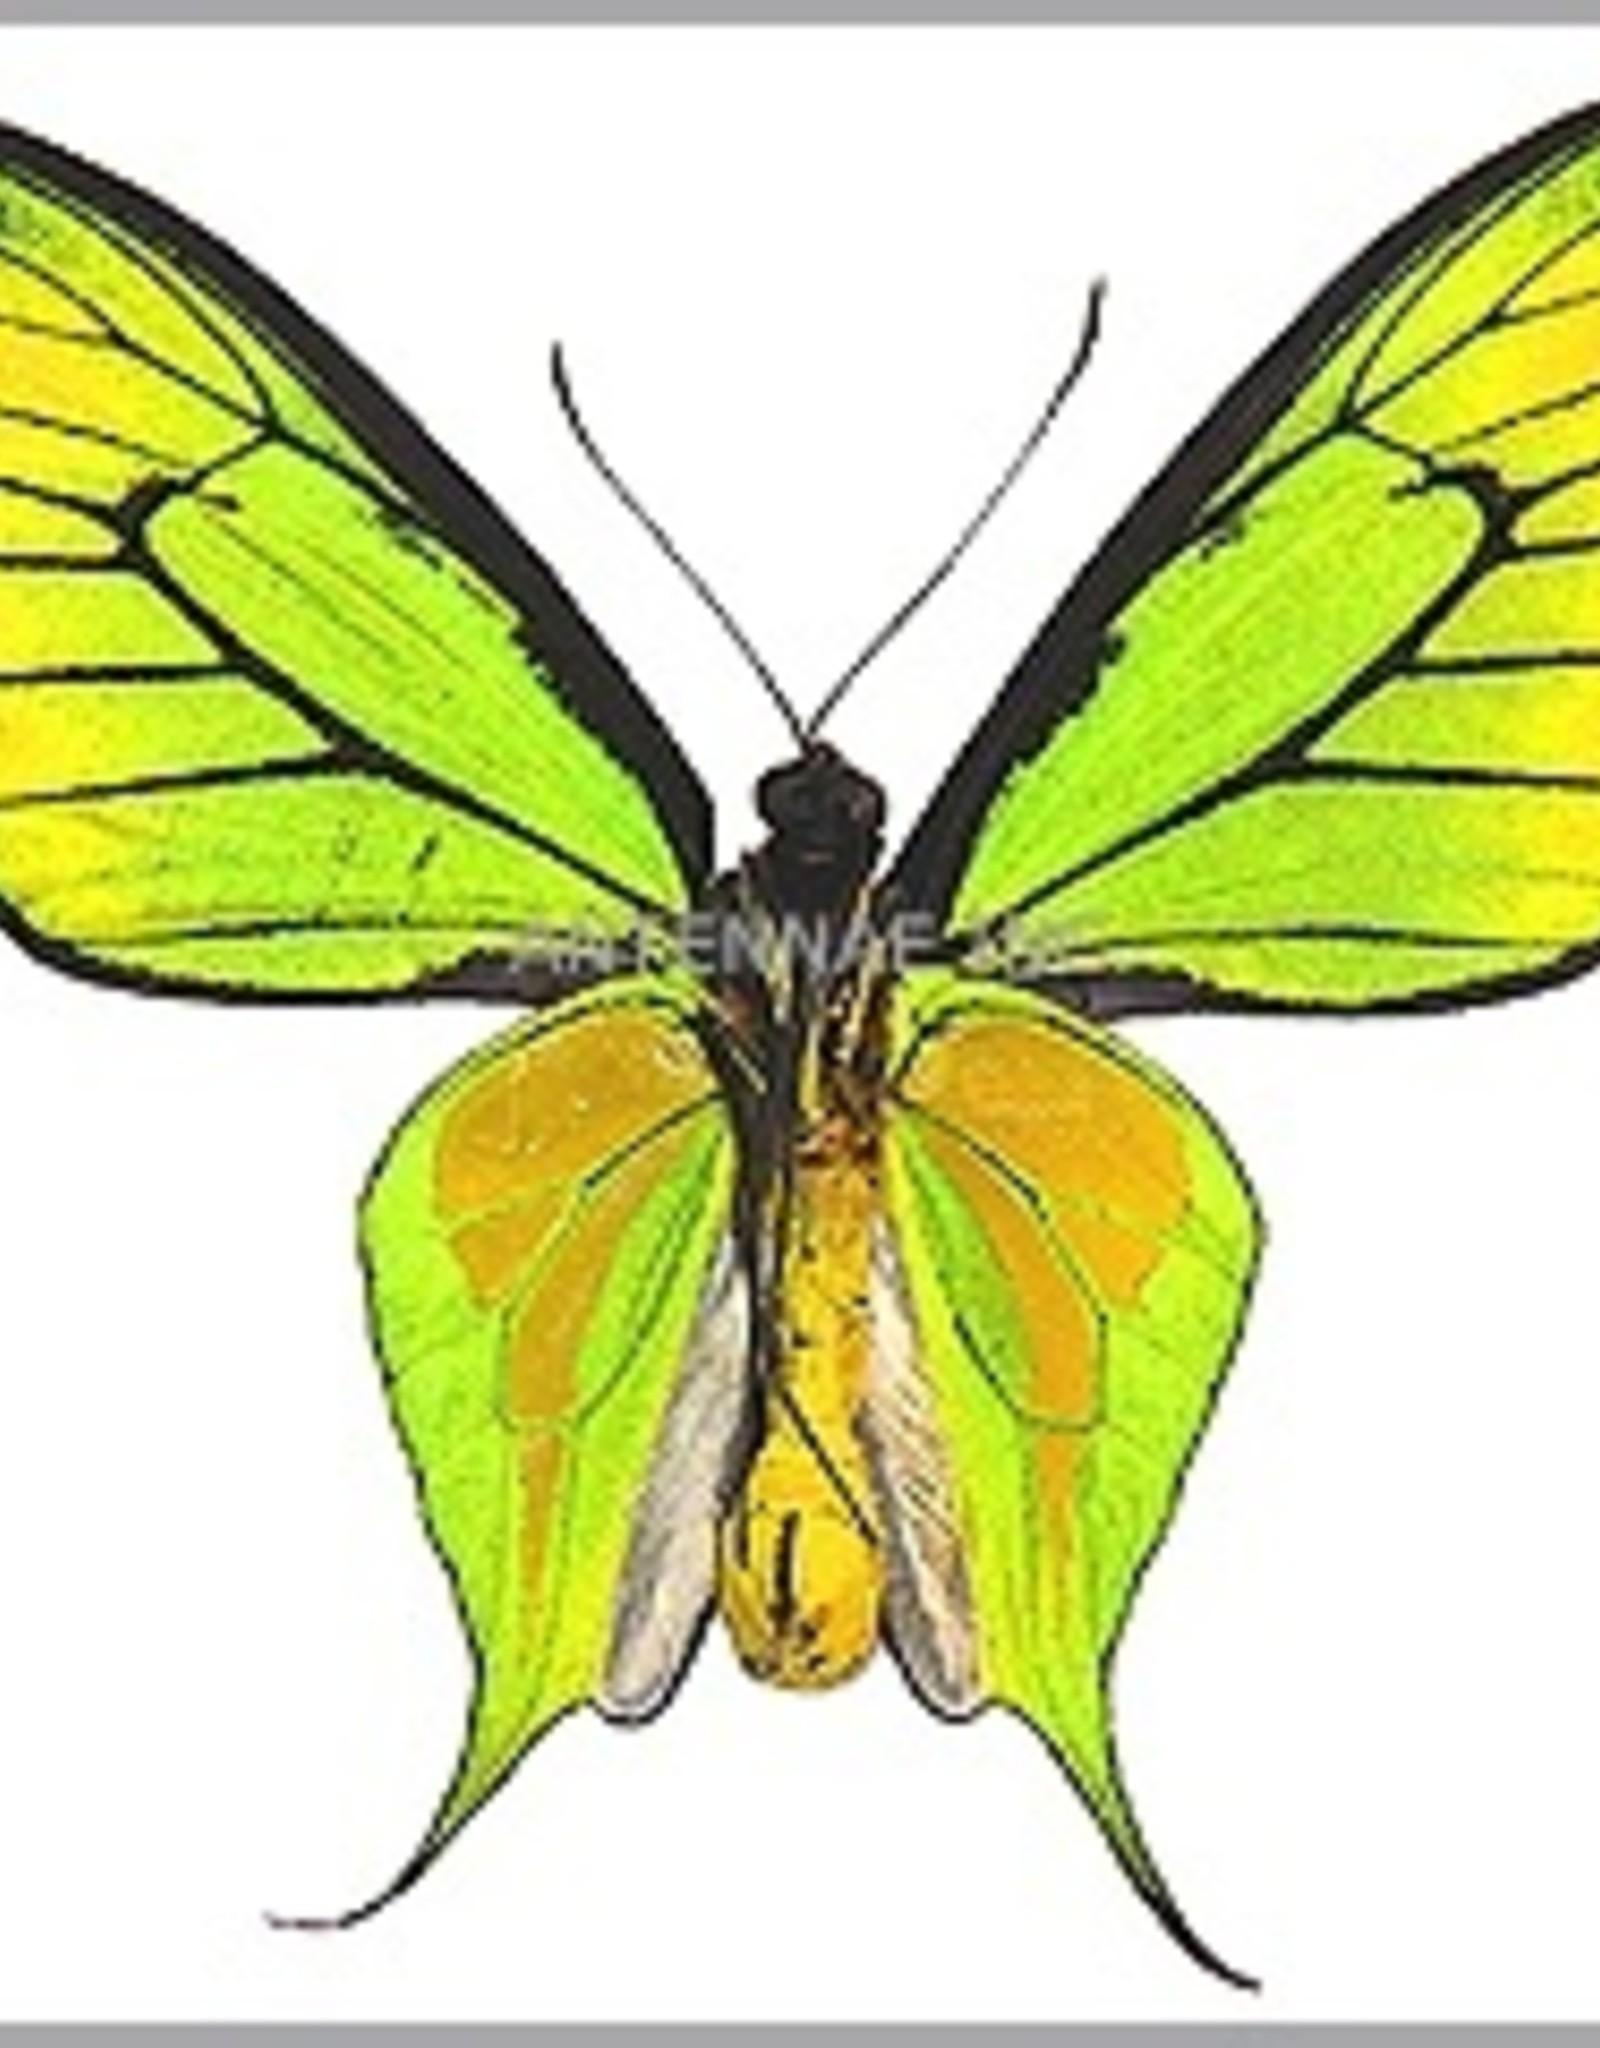 Ornithoptera paradisea flavescens (local form of O. p. detanii) M A1 Timika, Irian Jaya, Indonesia